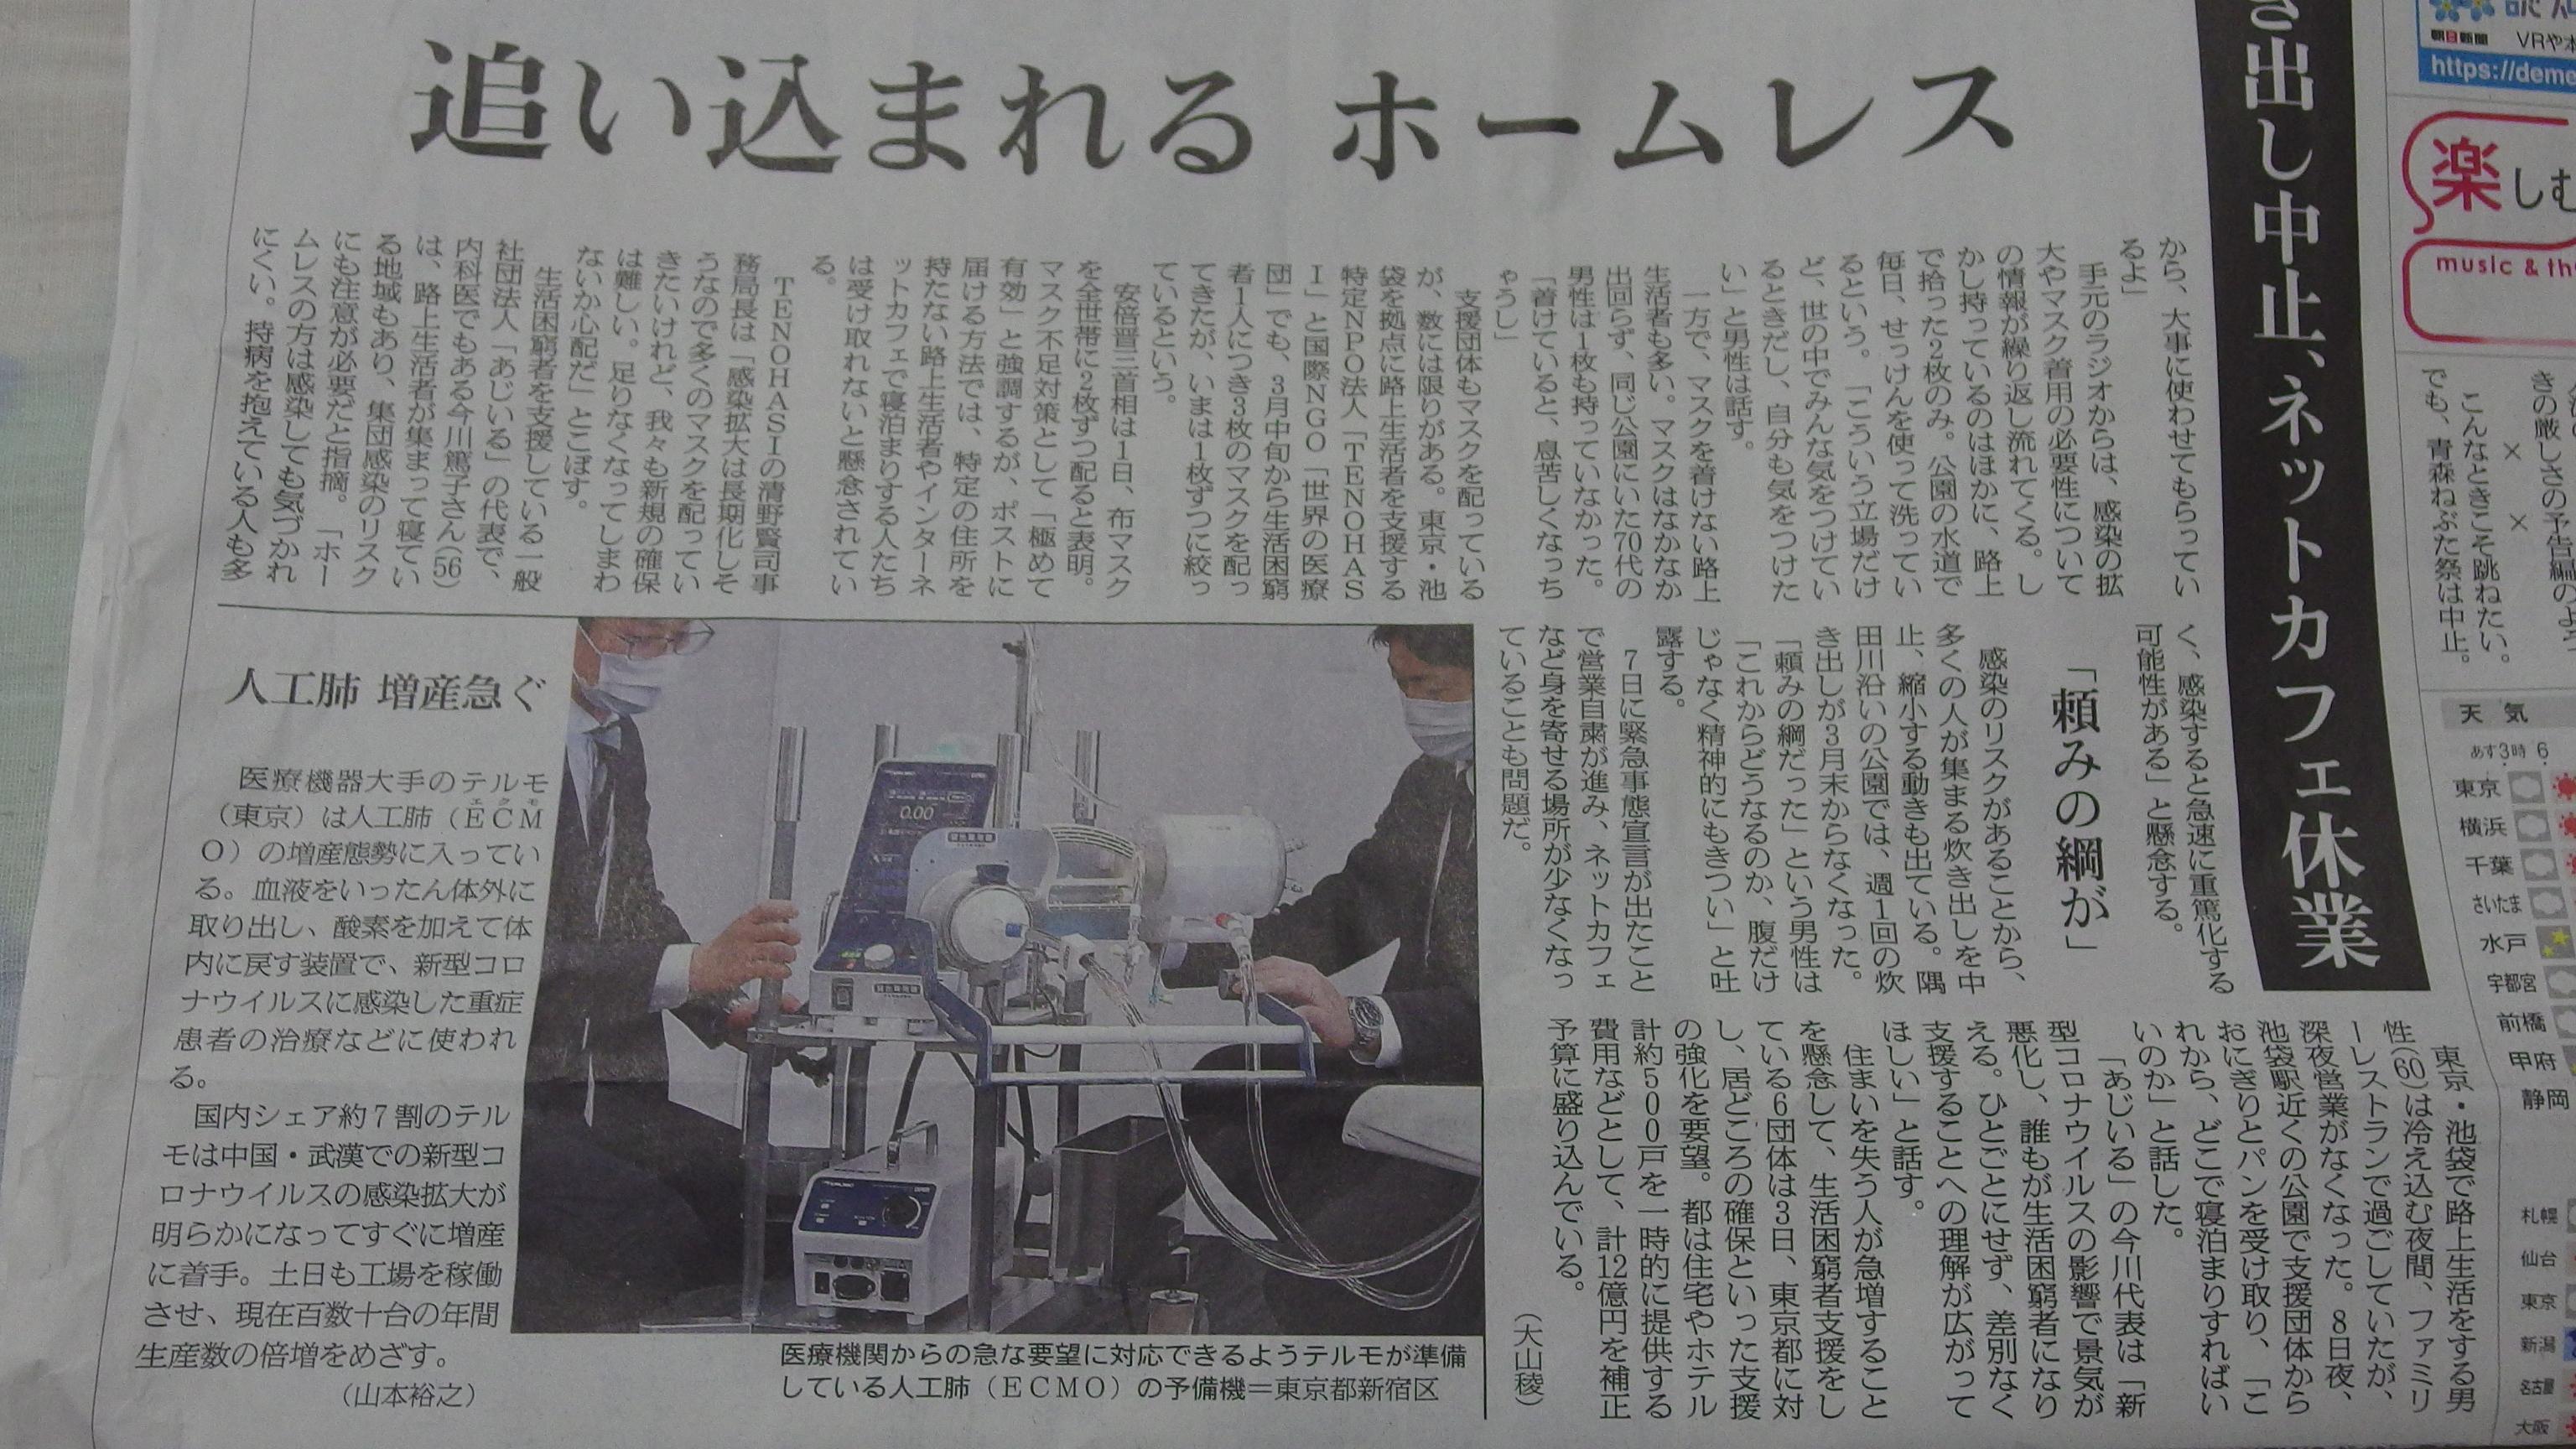 朝日新聞 「『東京脱出』というハッシュタグが拡散されている」 → 調査したらフェイクニュースだった ->画像>8枚